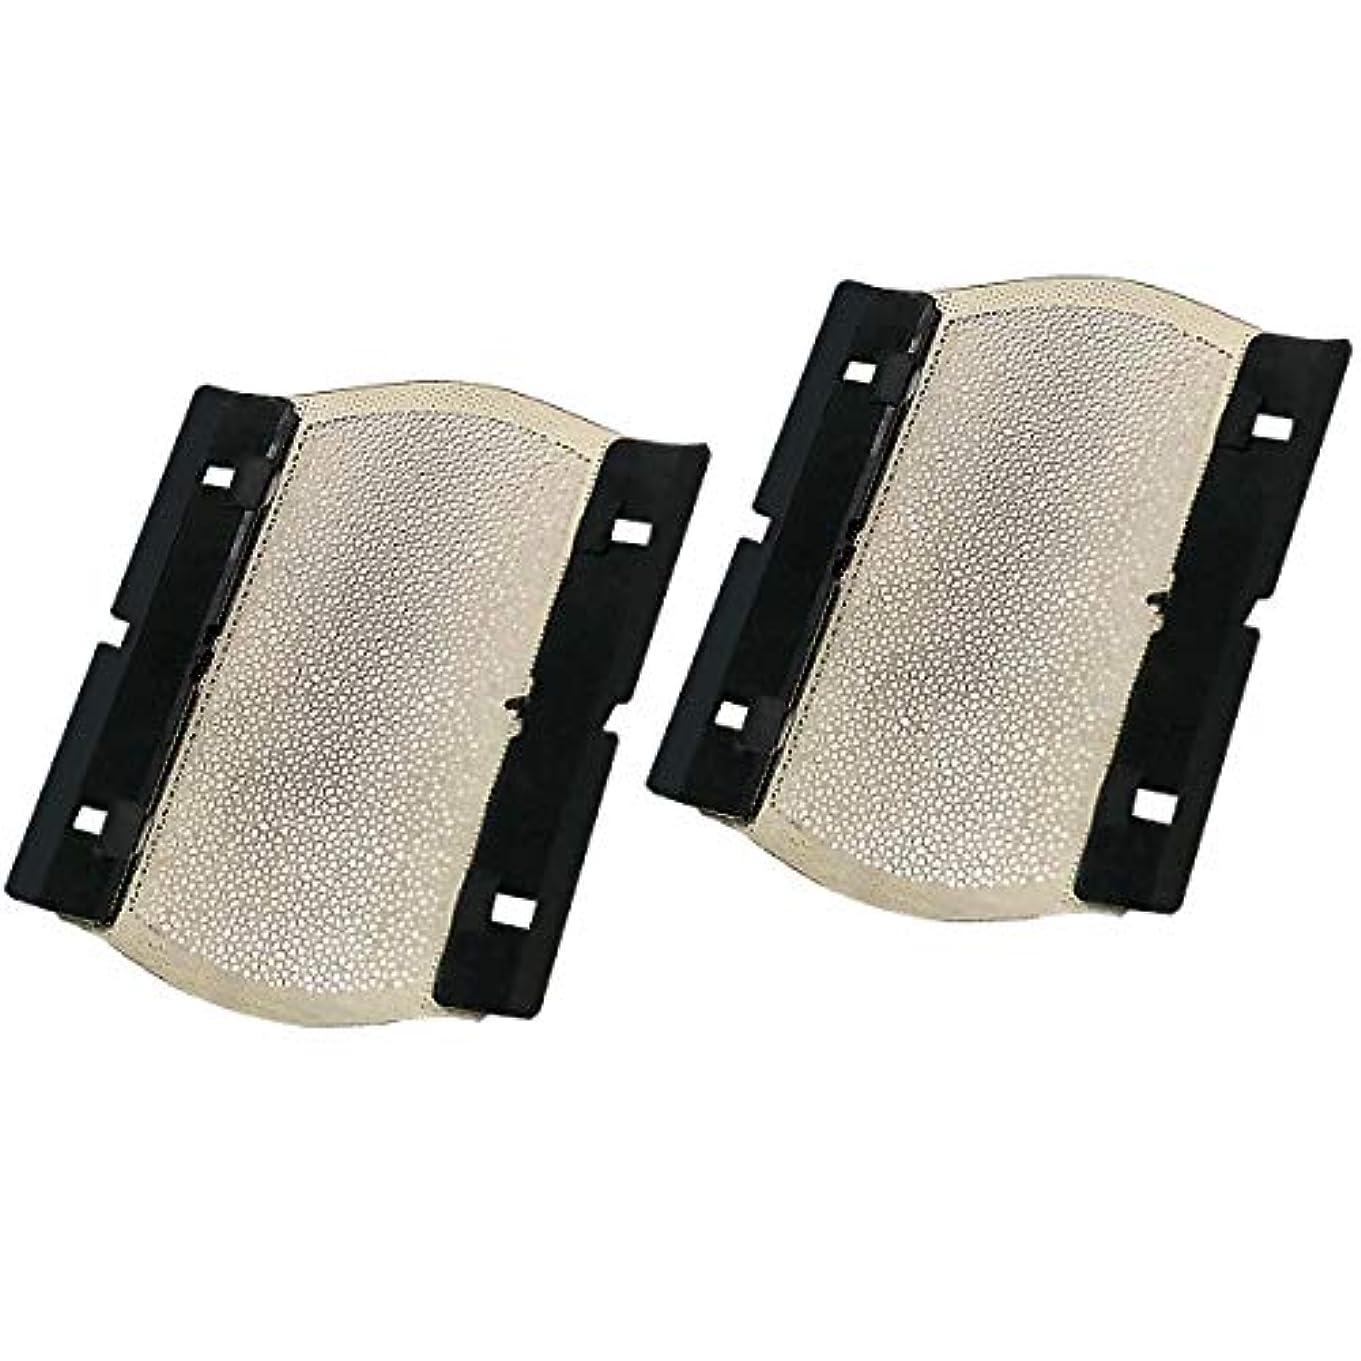 薄汚いマーガレットミッチェルオゾンVINFANY 交換用シェーバーフォイルスクリーン用 for Braun シェーバー, 互換性のある 550 570 P40 P50 P60 M30 M60 M90 5609 BS550 BS555 BS570 BS575...